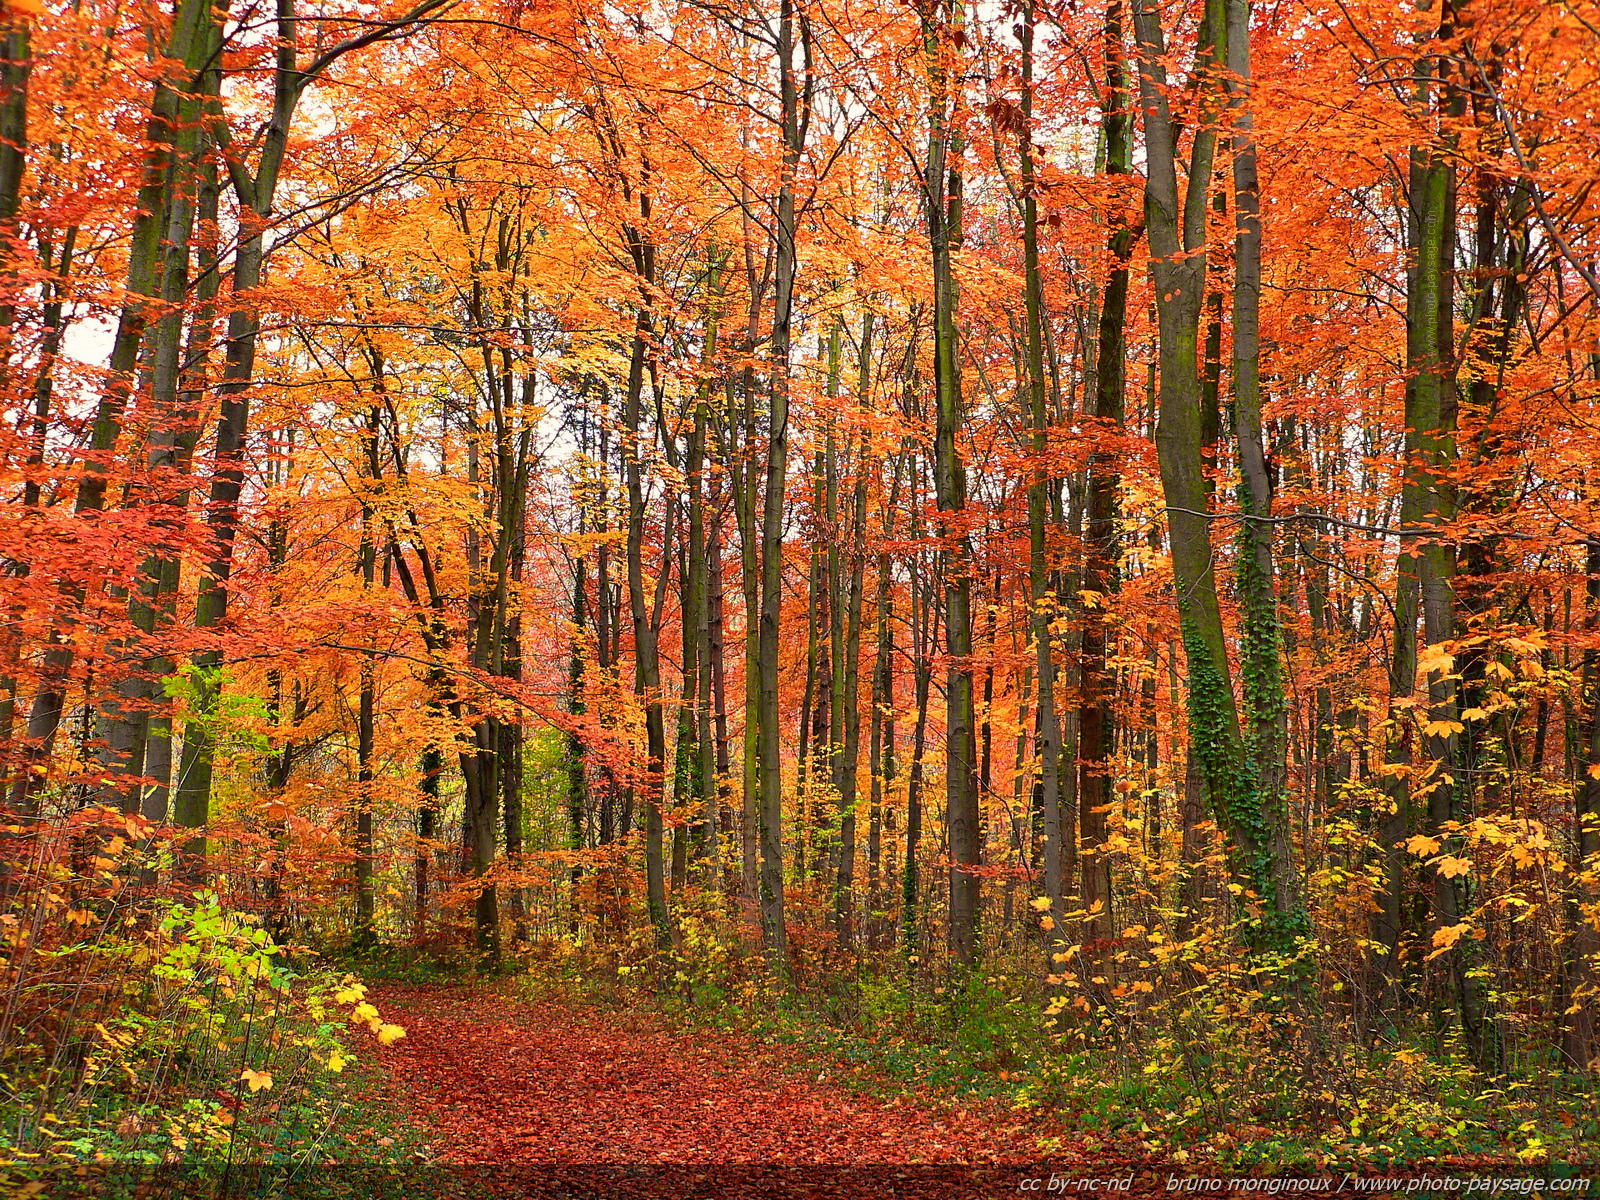 Des Chemins où la randonnée devient un rêve - Chemin-foret-arbres-automne